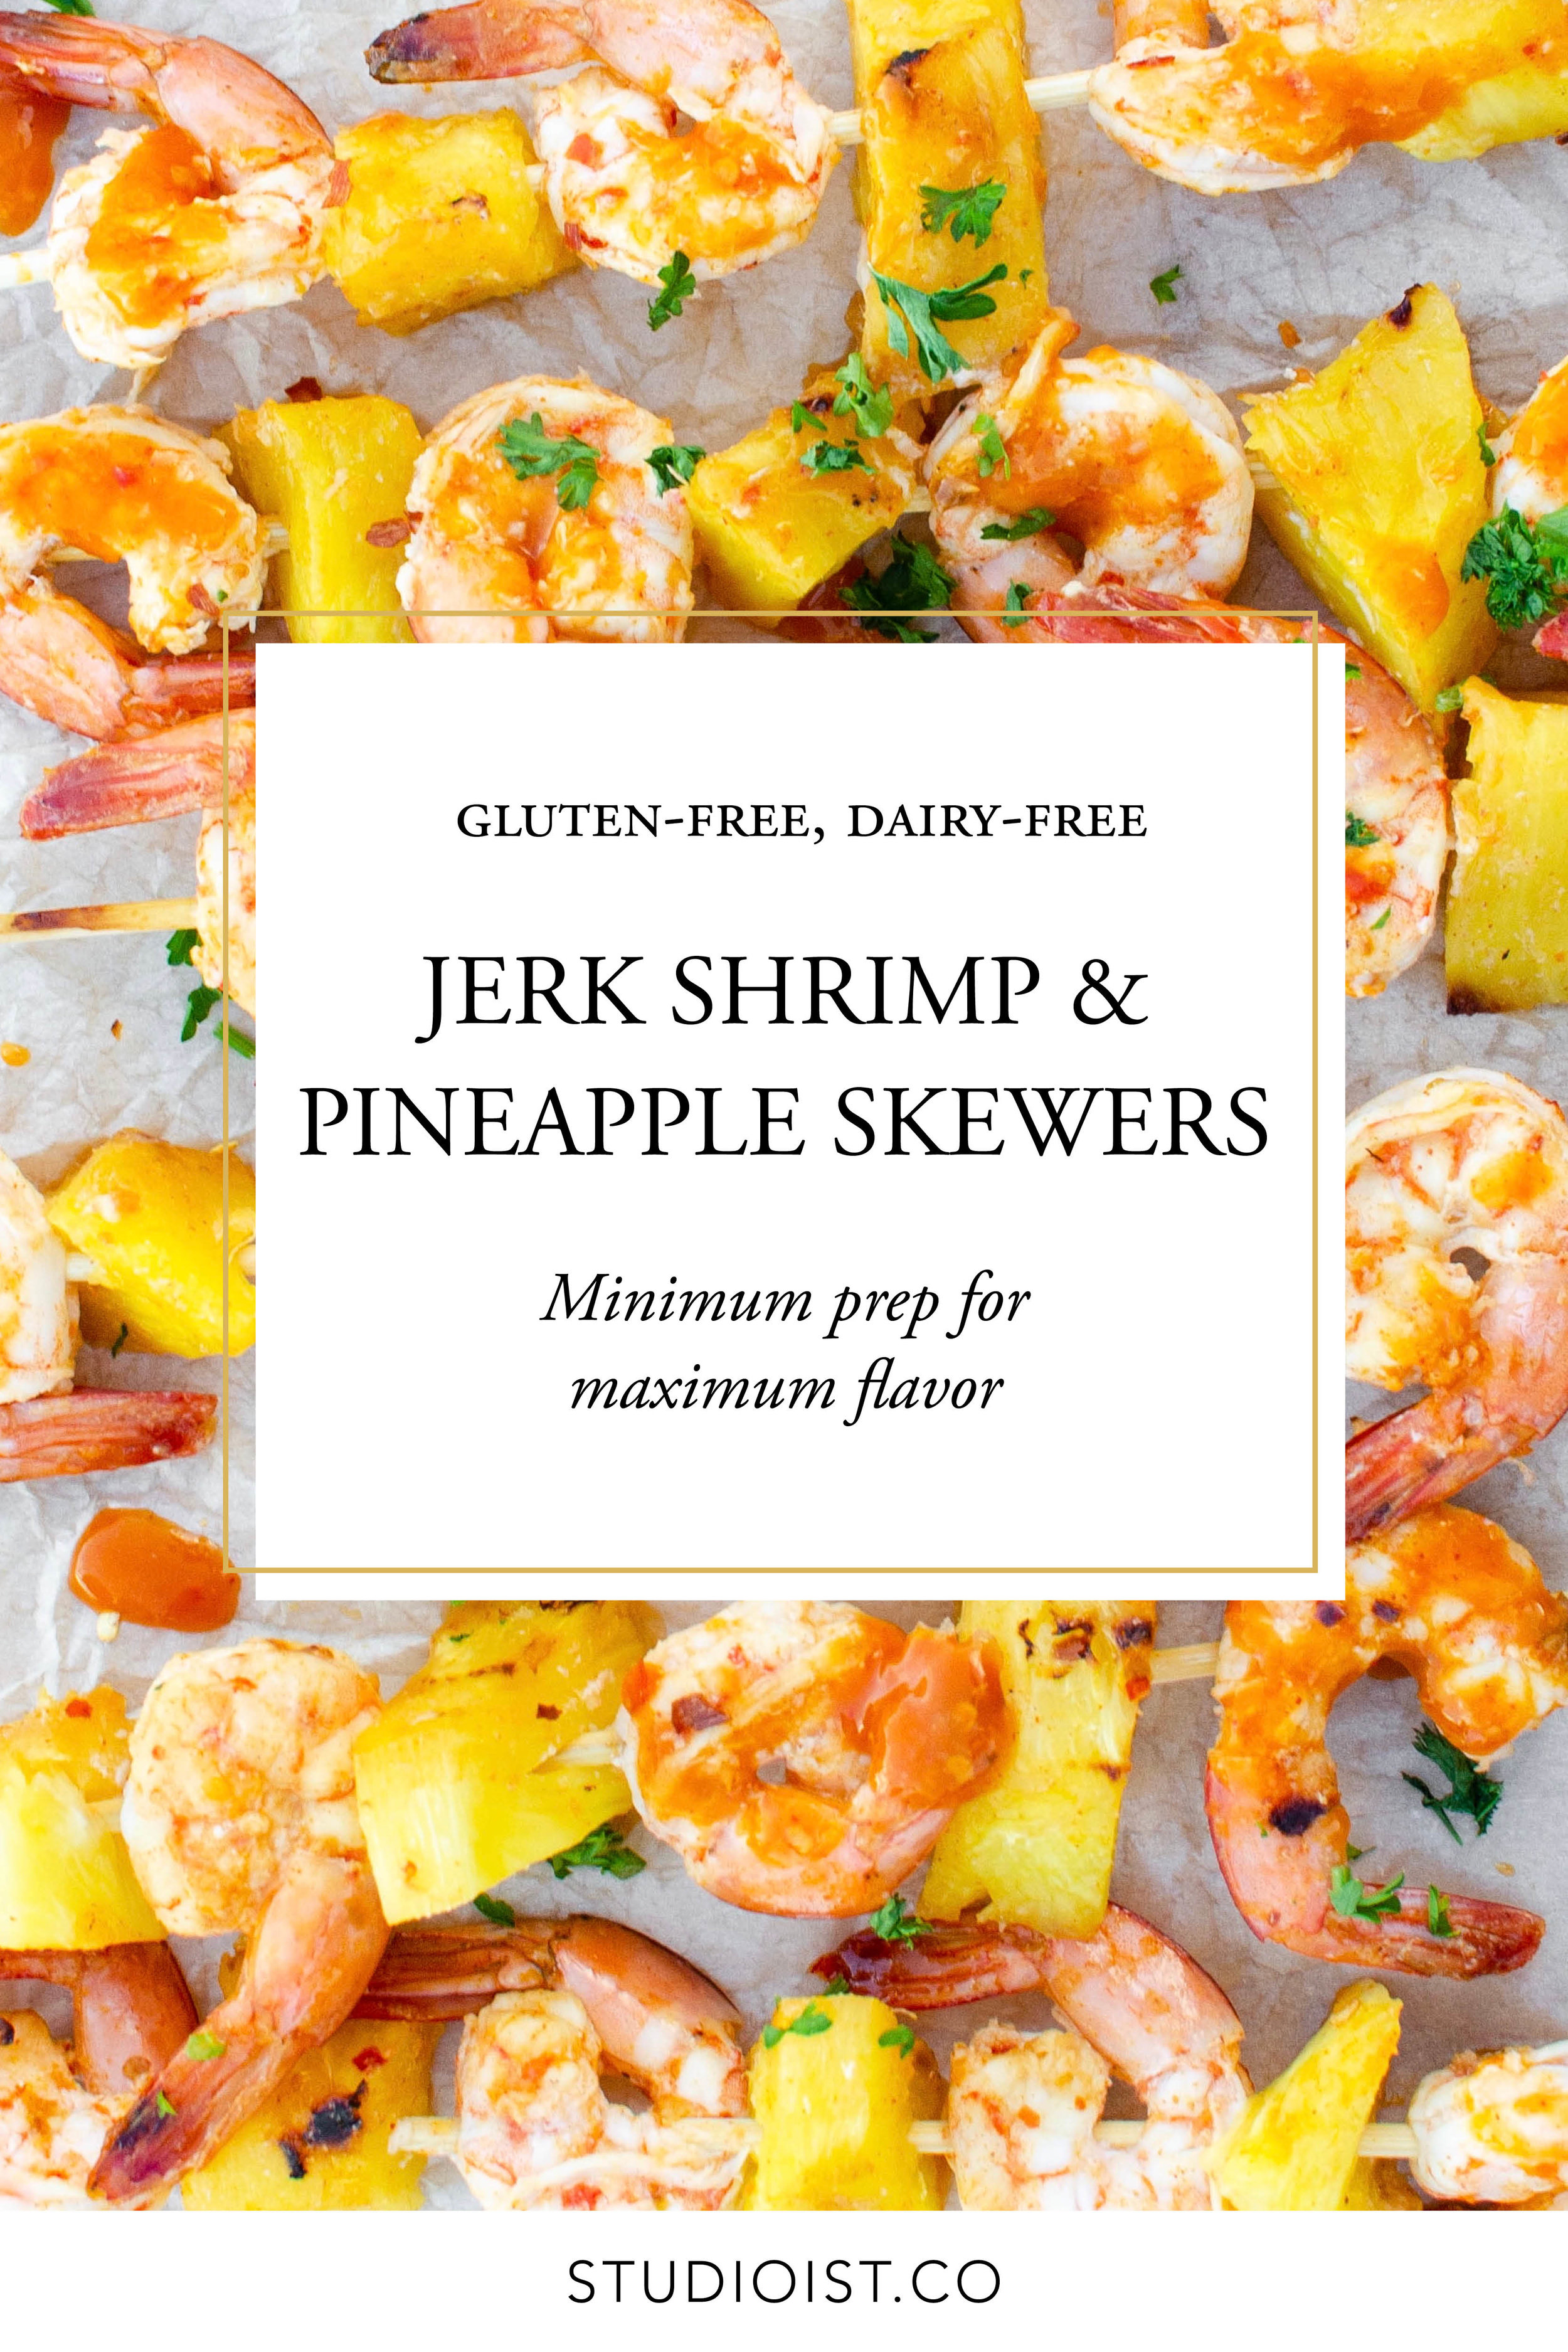 Studioist_Pinterest Design_Jerk Shrimp Skewers.jpg